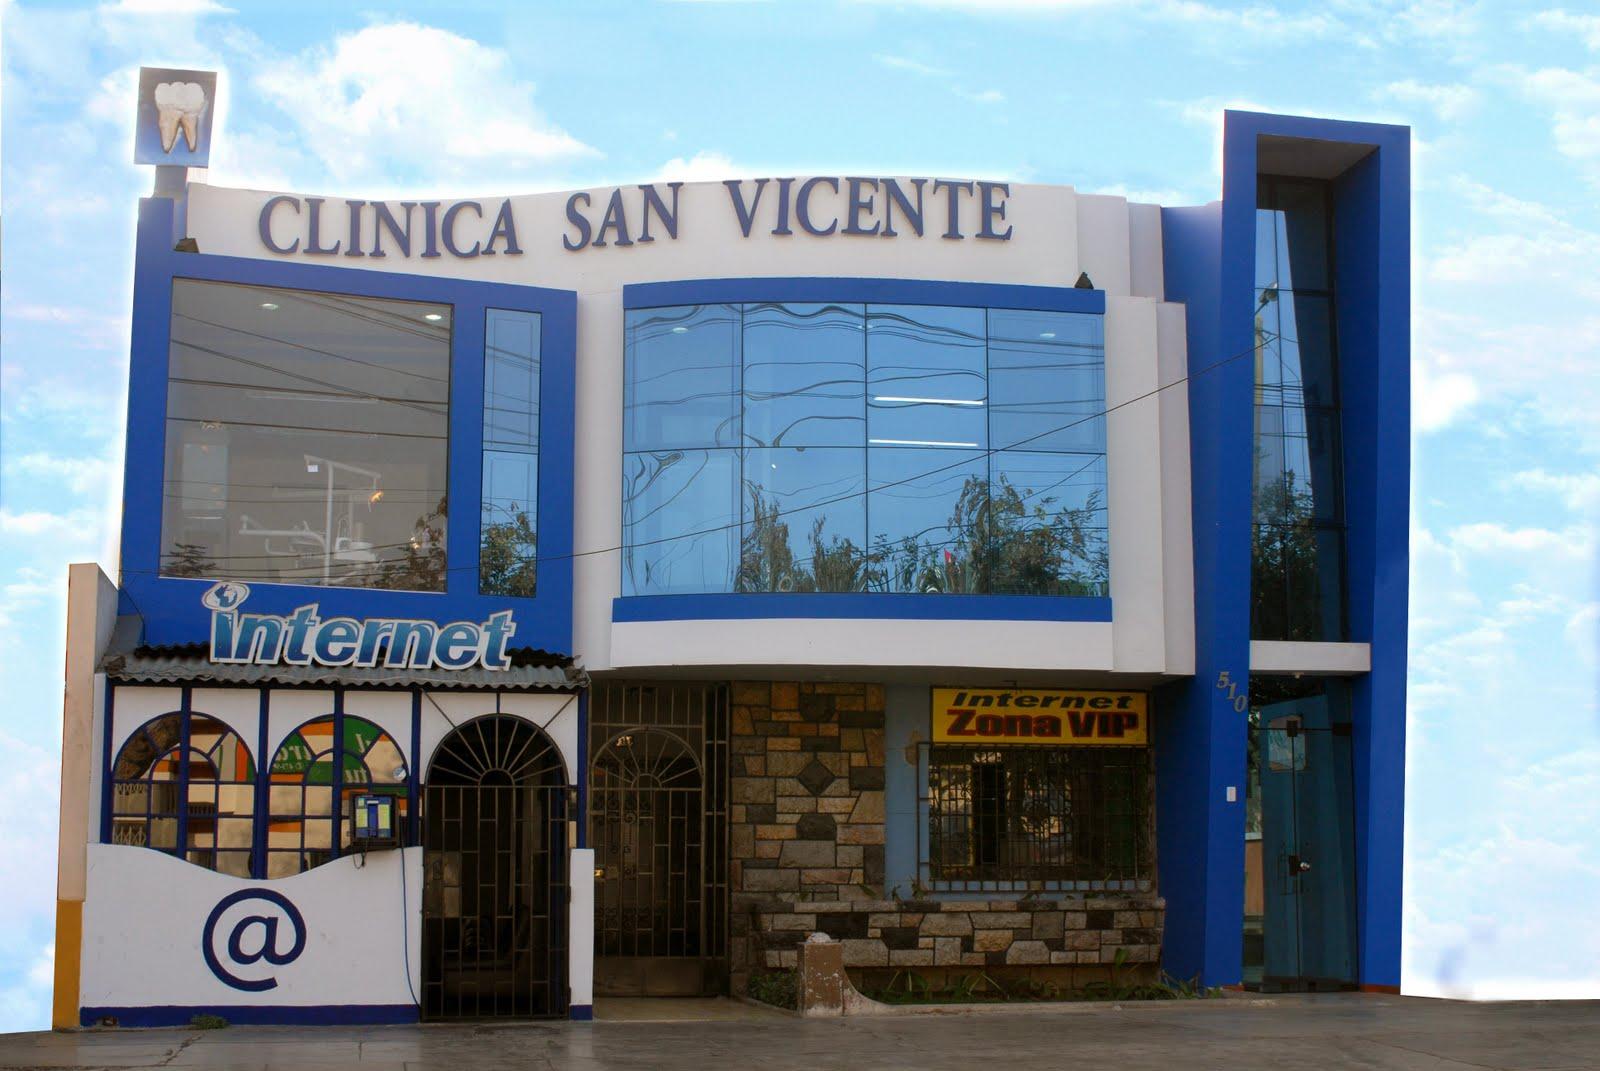 Clinica dental san vicente fachada clinica dental san vicente - Fachadas clinicas dentales ...